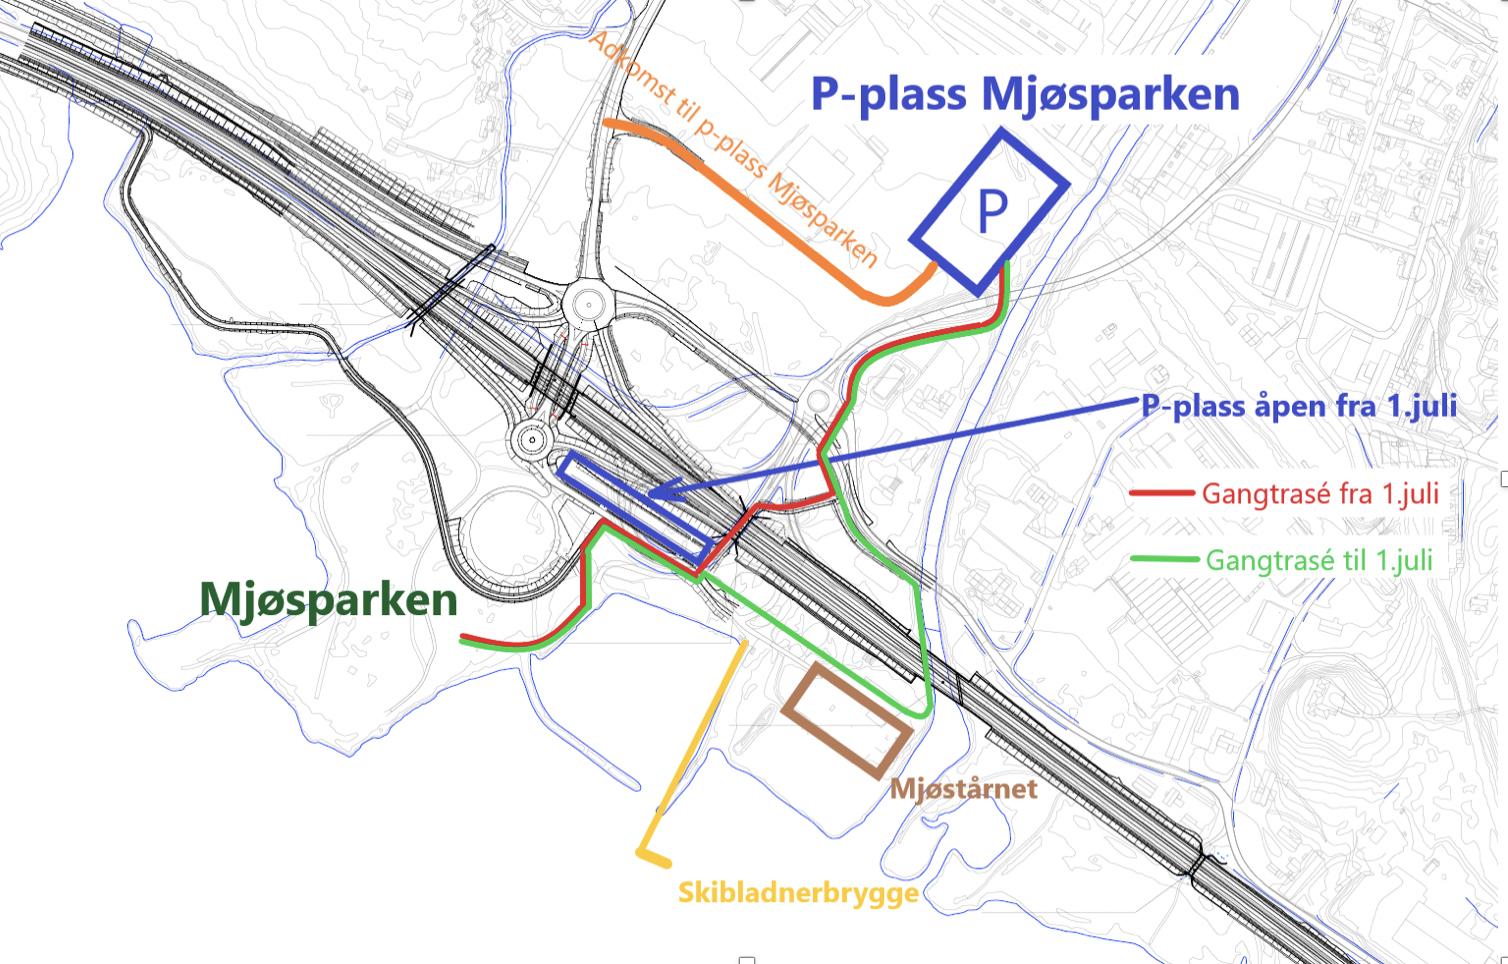 Kart over Mjøsparken